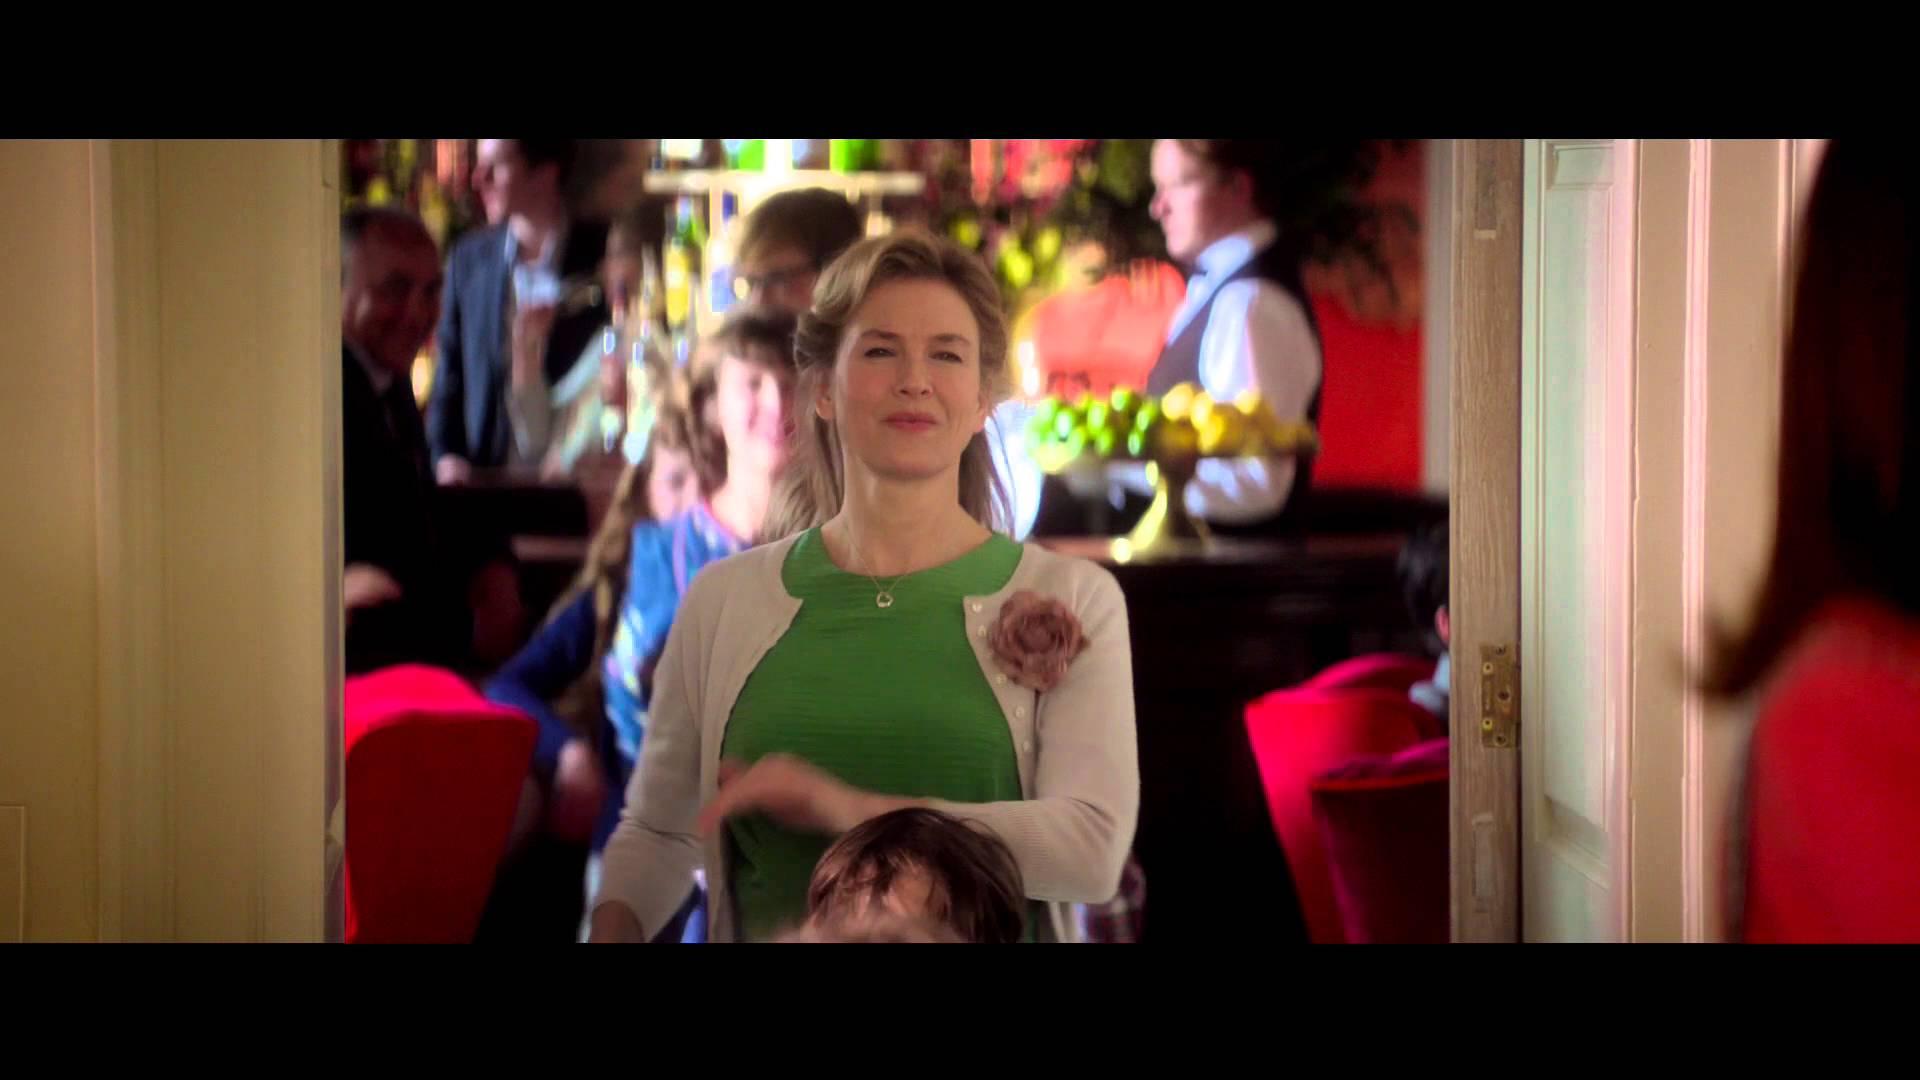 Bridget Jones's Baby – Trailer Tomorrow (Universal Pictures)